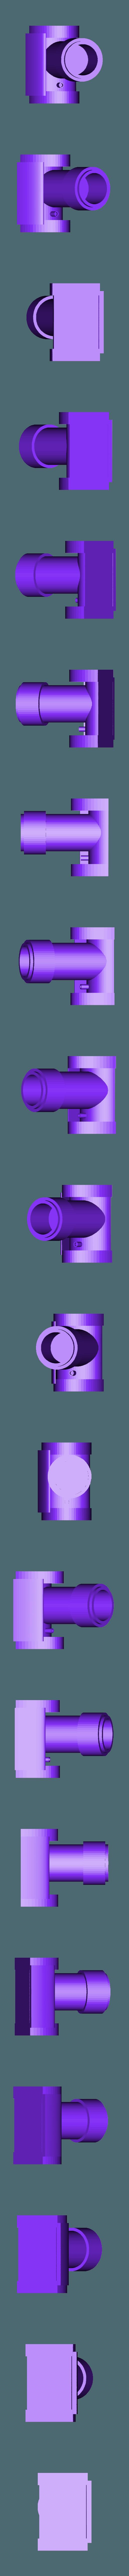 """howitzer___lobba.stl Télécharger fichier STL gratuit Ork / Orc Tank """"Bone Breaker"""" 28mm wargames véhicule • Plan pour impression 3D, redstarkits"""